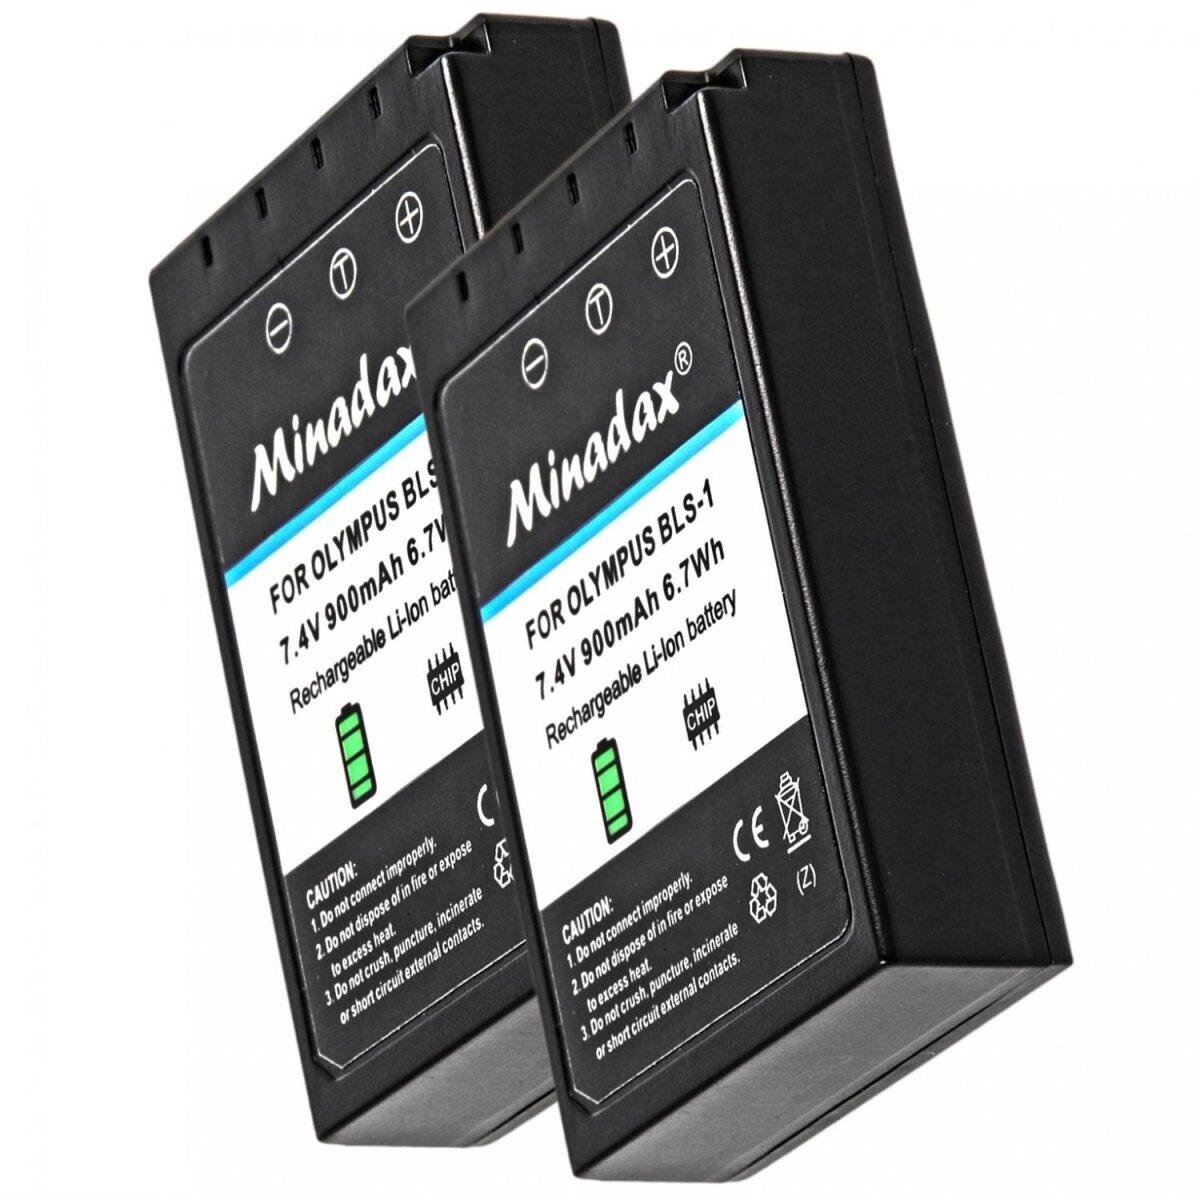 2x Minadax® Qualitaetsakku mit echten 900 mAh fuer Olympus E 400, E 410, wie BLS-1 - Intelligentes Akkusystem mit Chip